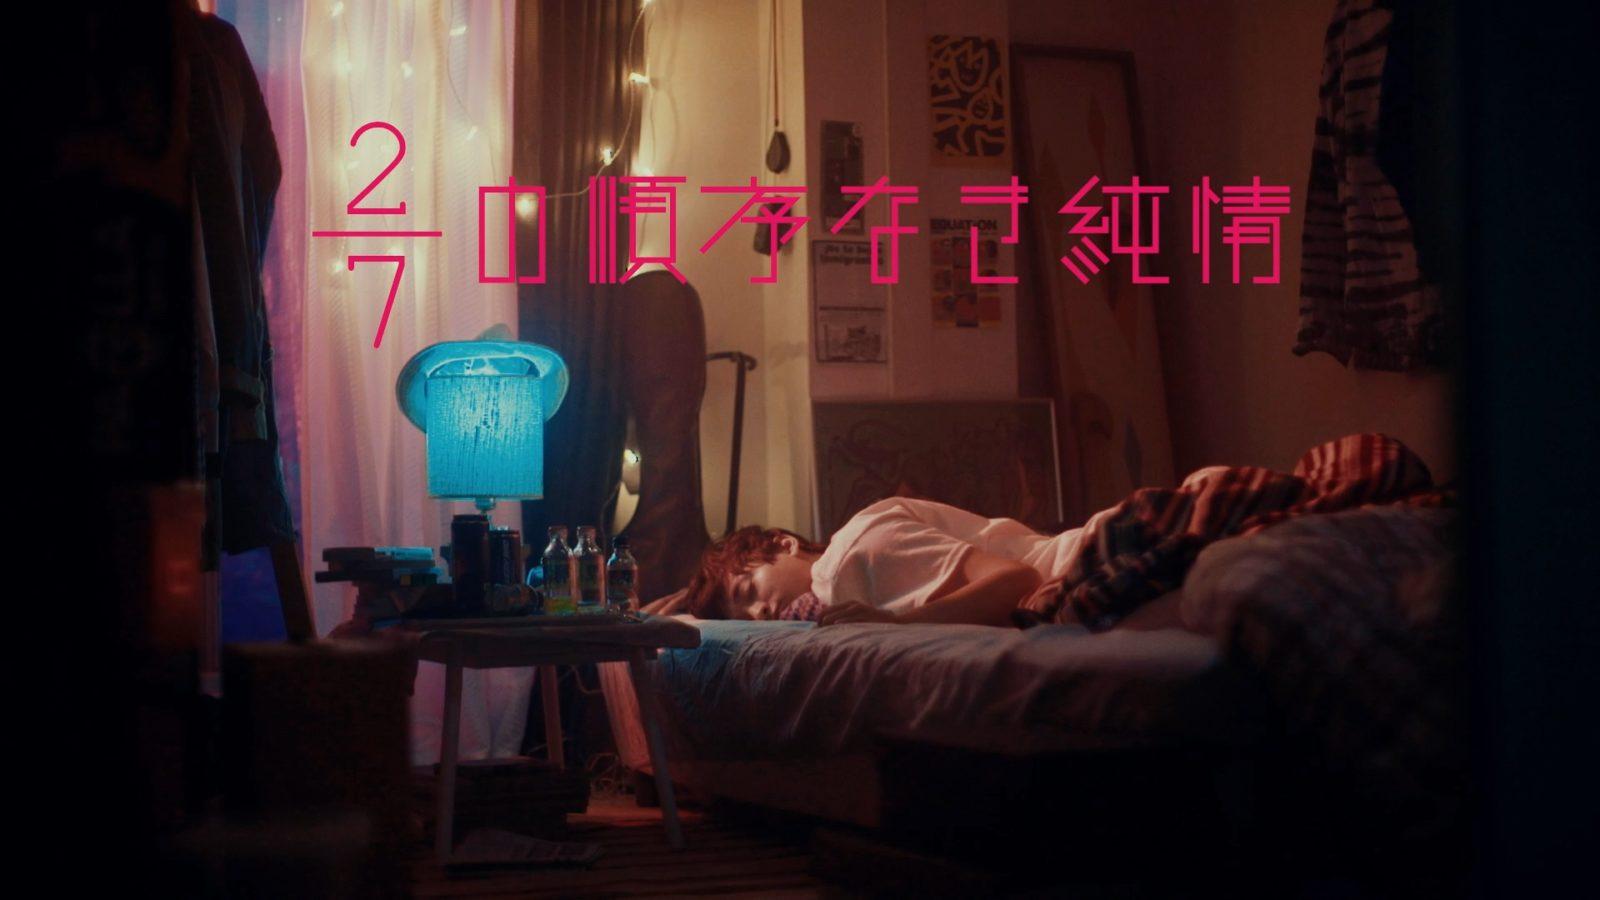 小関裕太出演による、GReeeeN「2/7の順序なき純情」ミュージックビデオ公開サムネイル画像